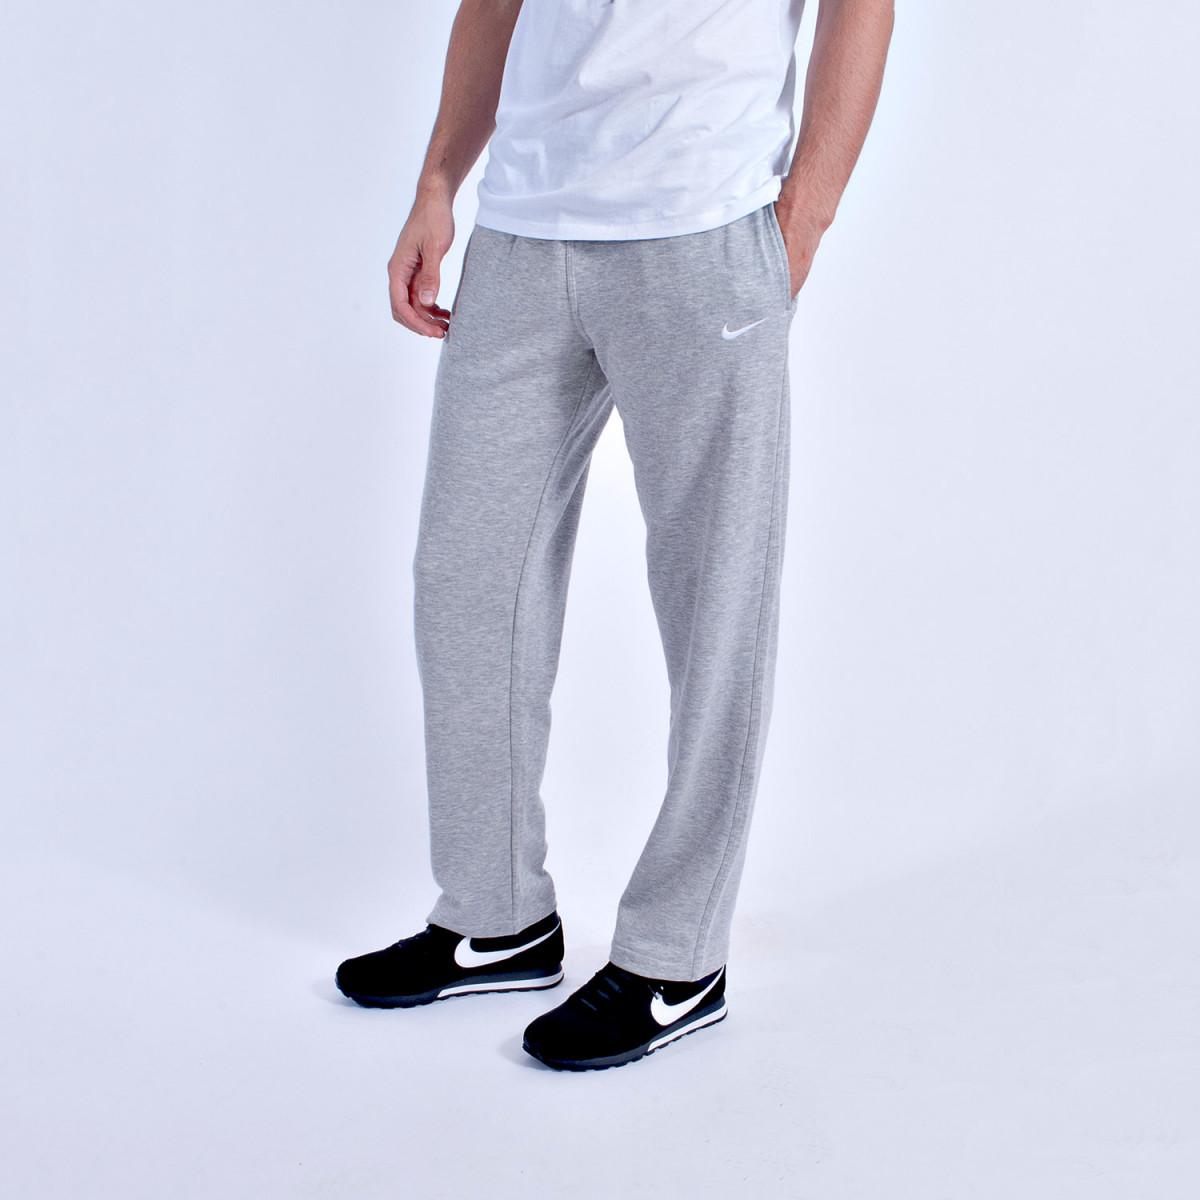 Pantalon Nike Club FT OH Pant